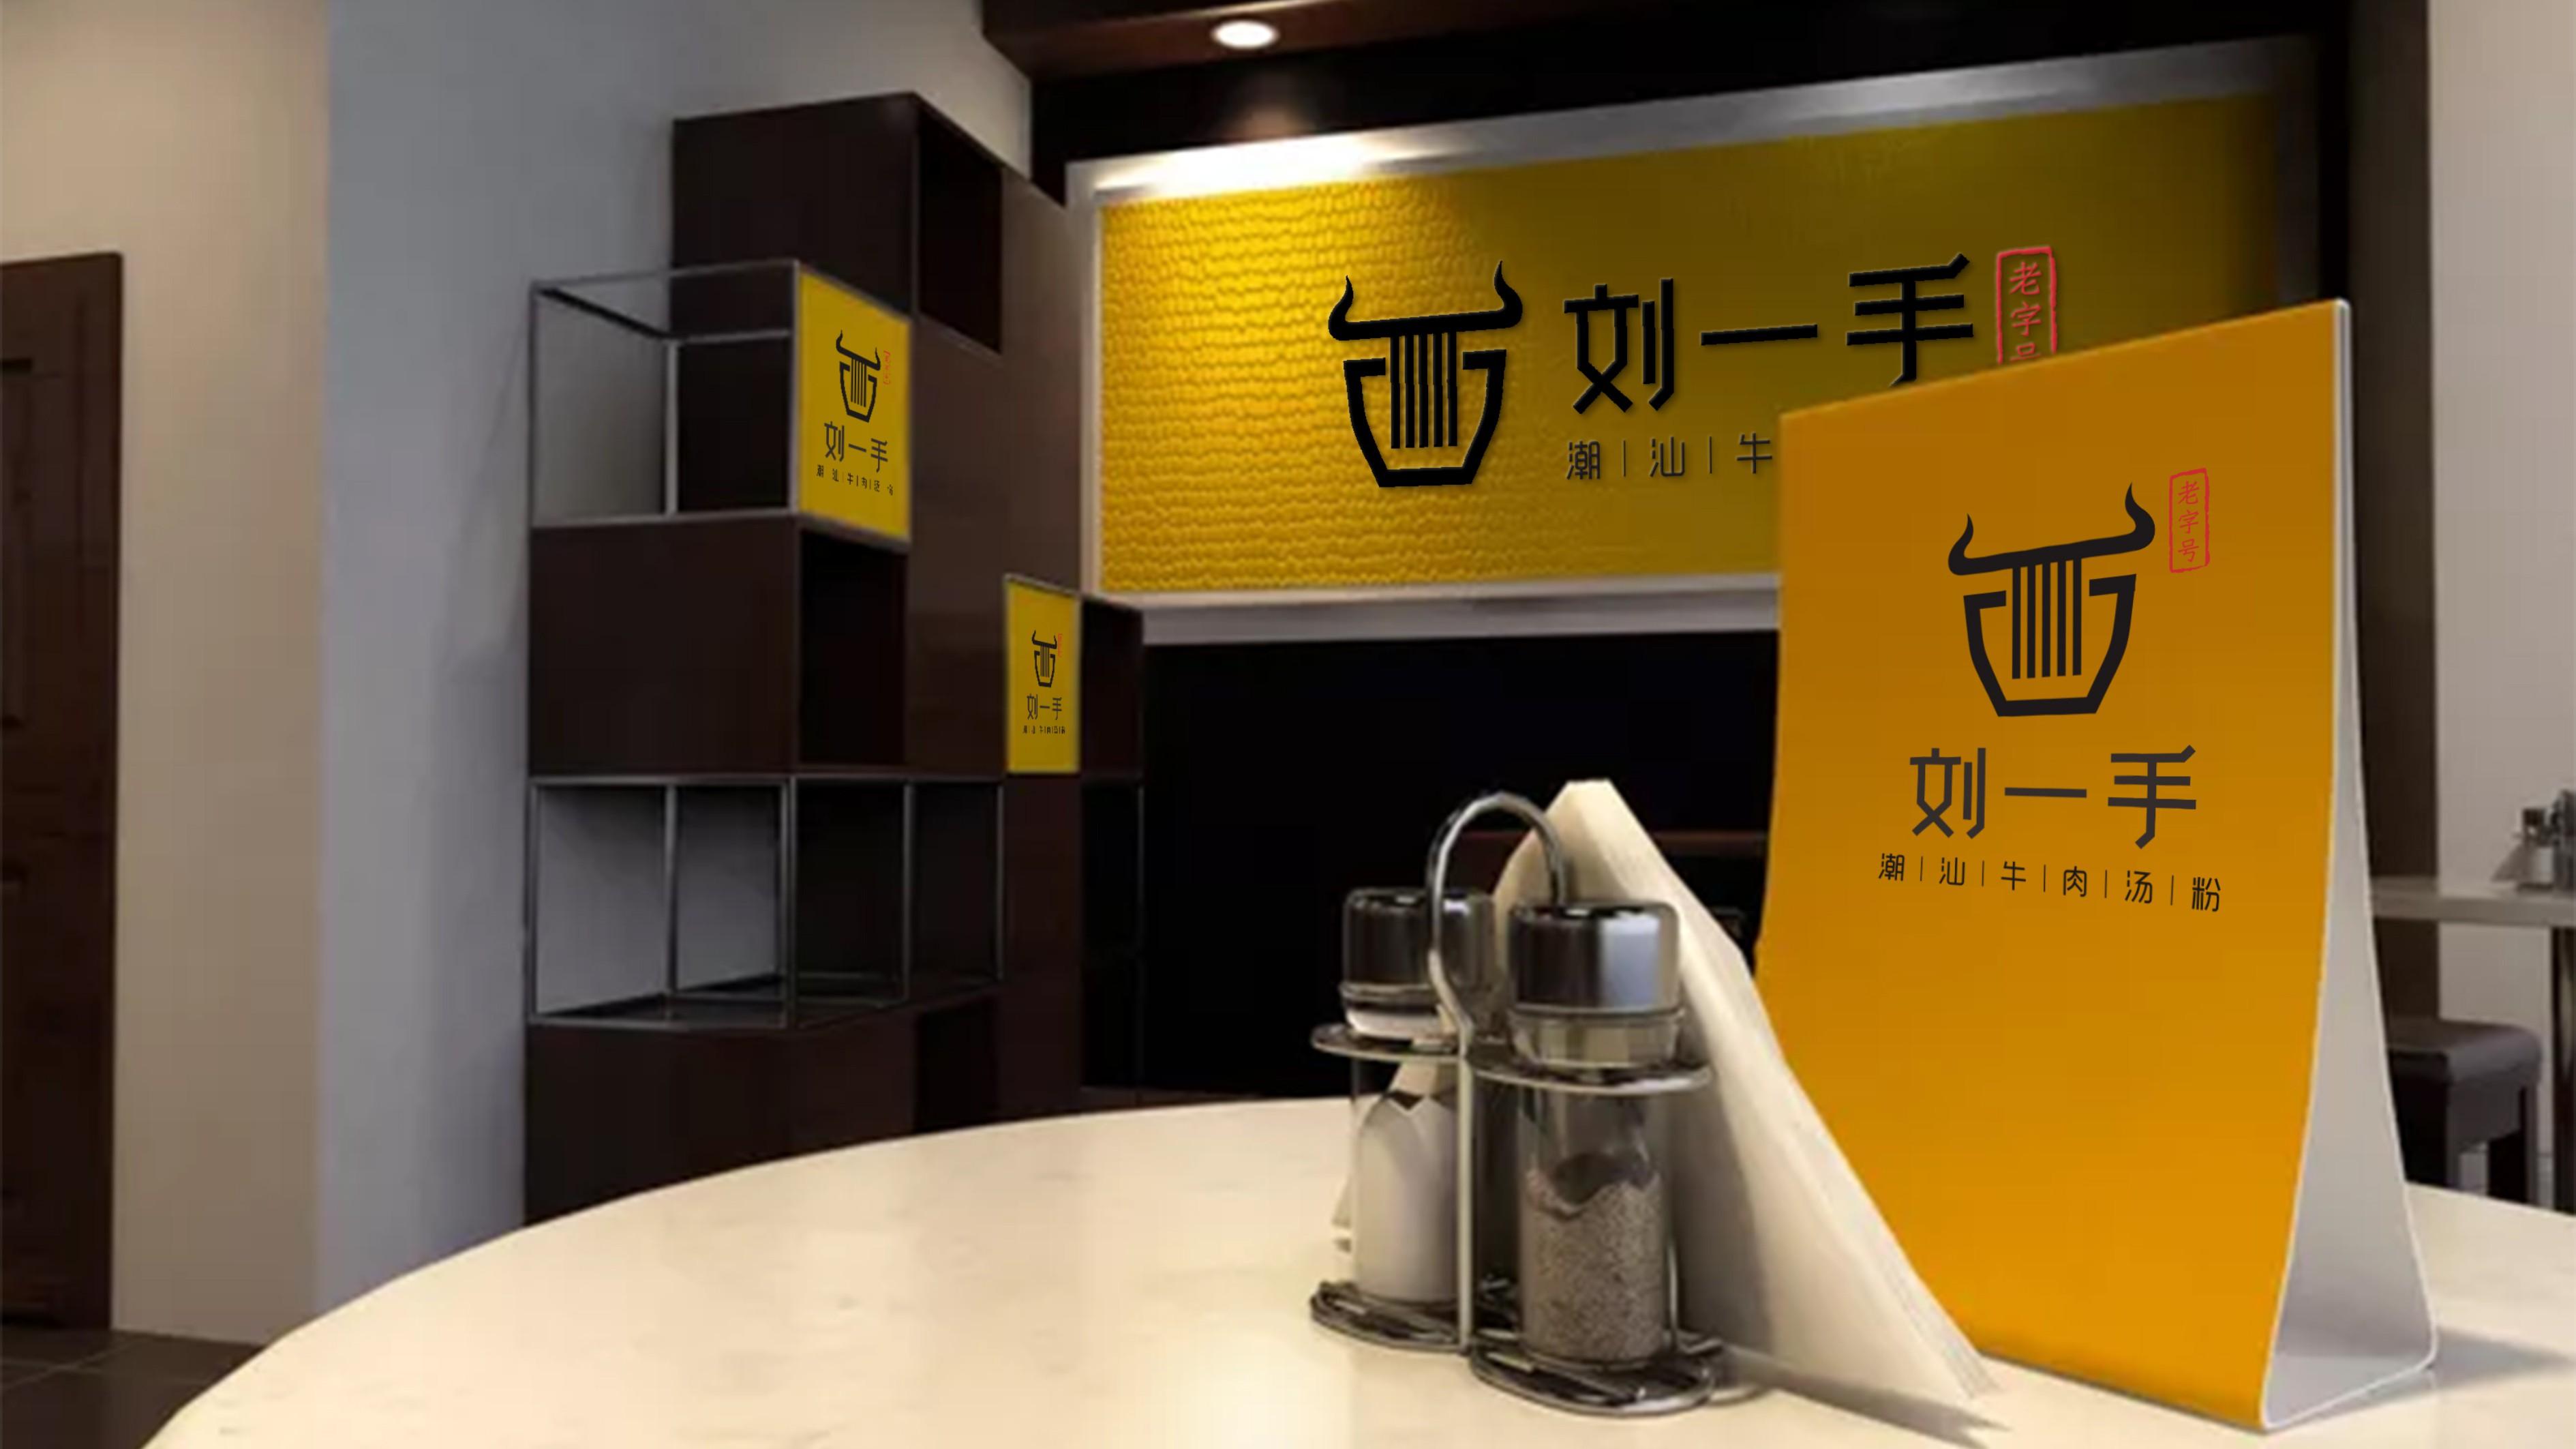 刘一手潮汕餐饮品牌LOGO设计